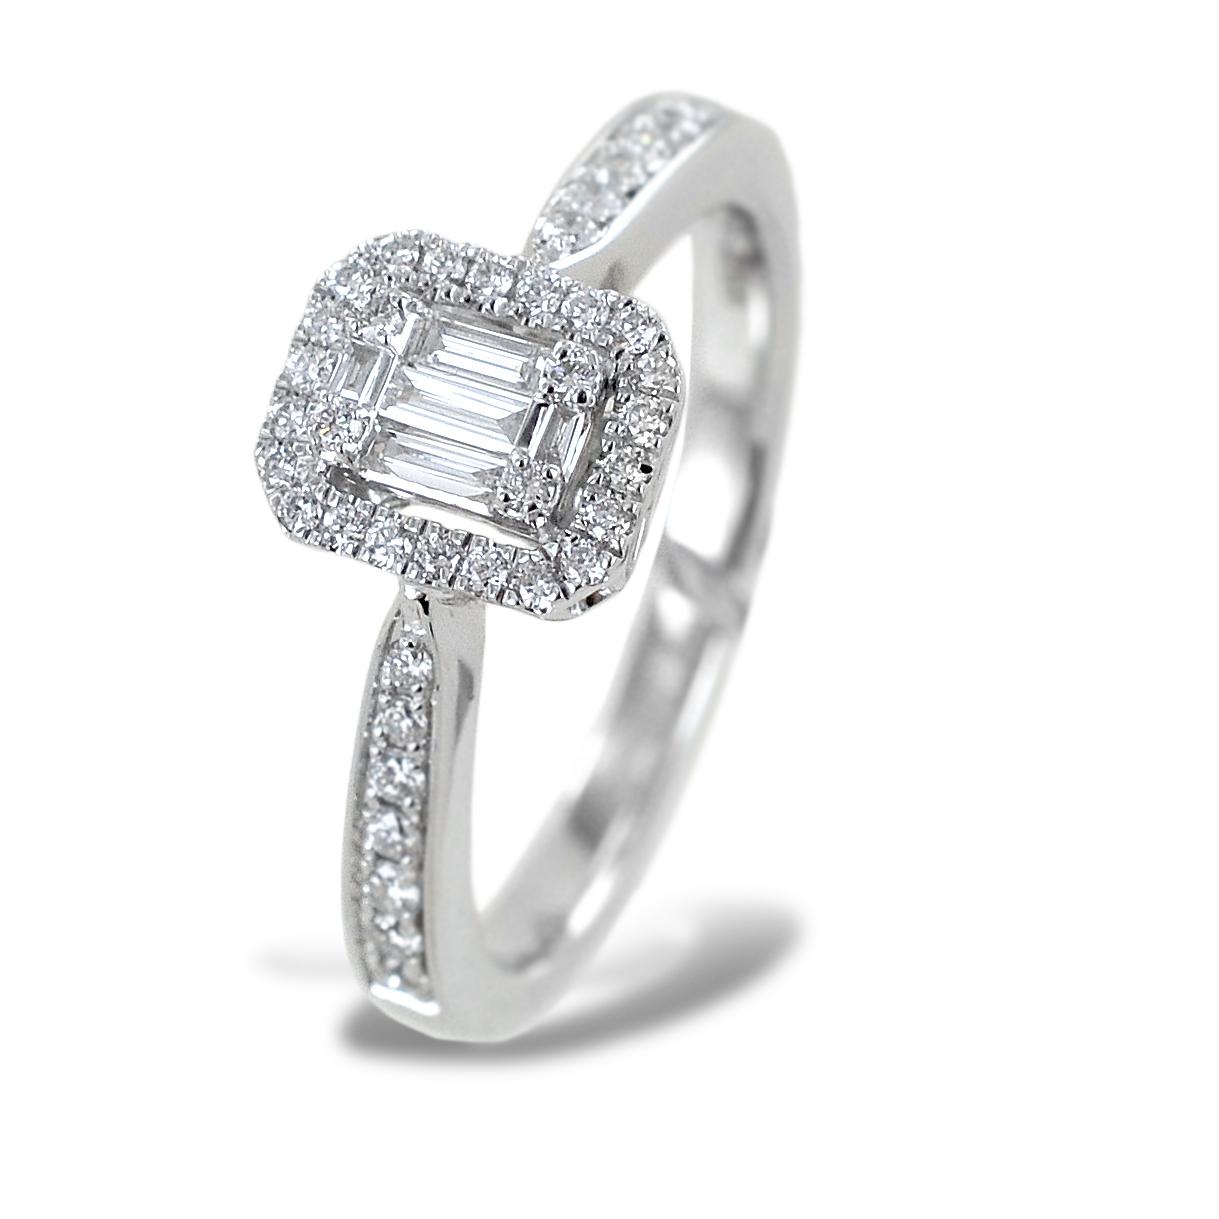 Anello effetto solitario con contorno di diamanti Salvini gioielli collezione Magia